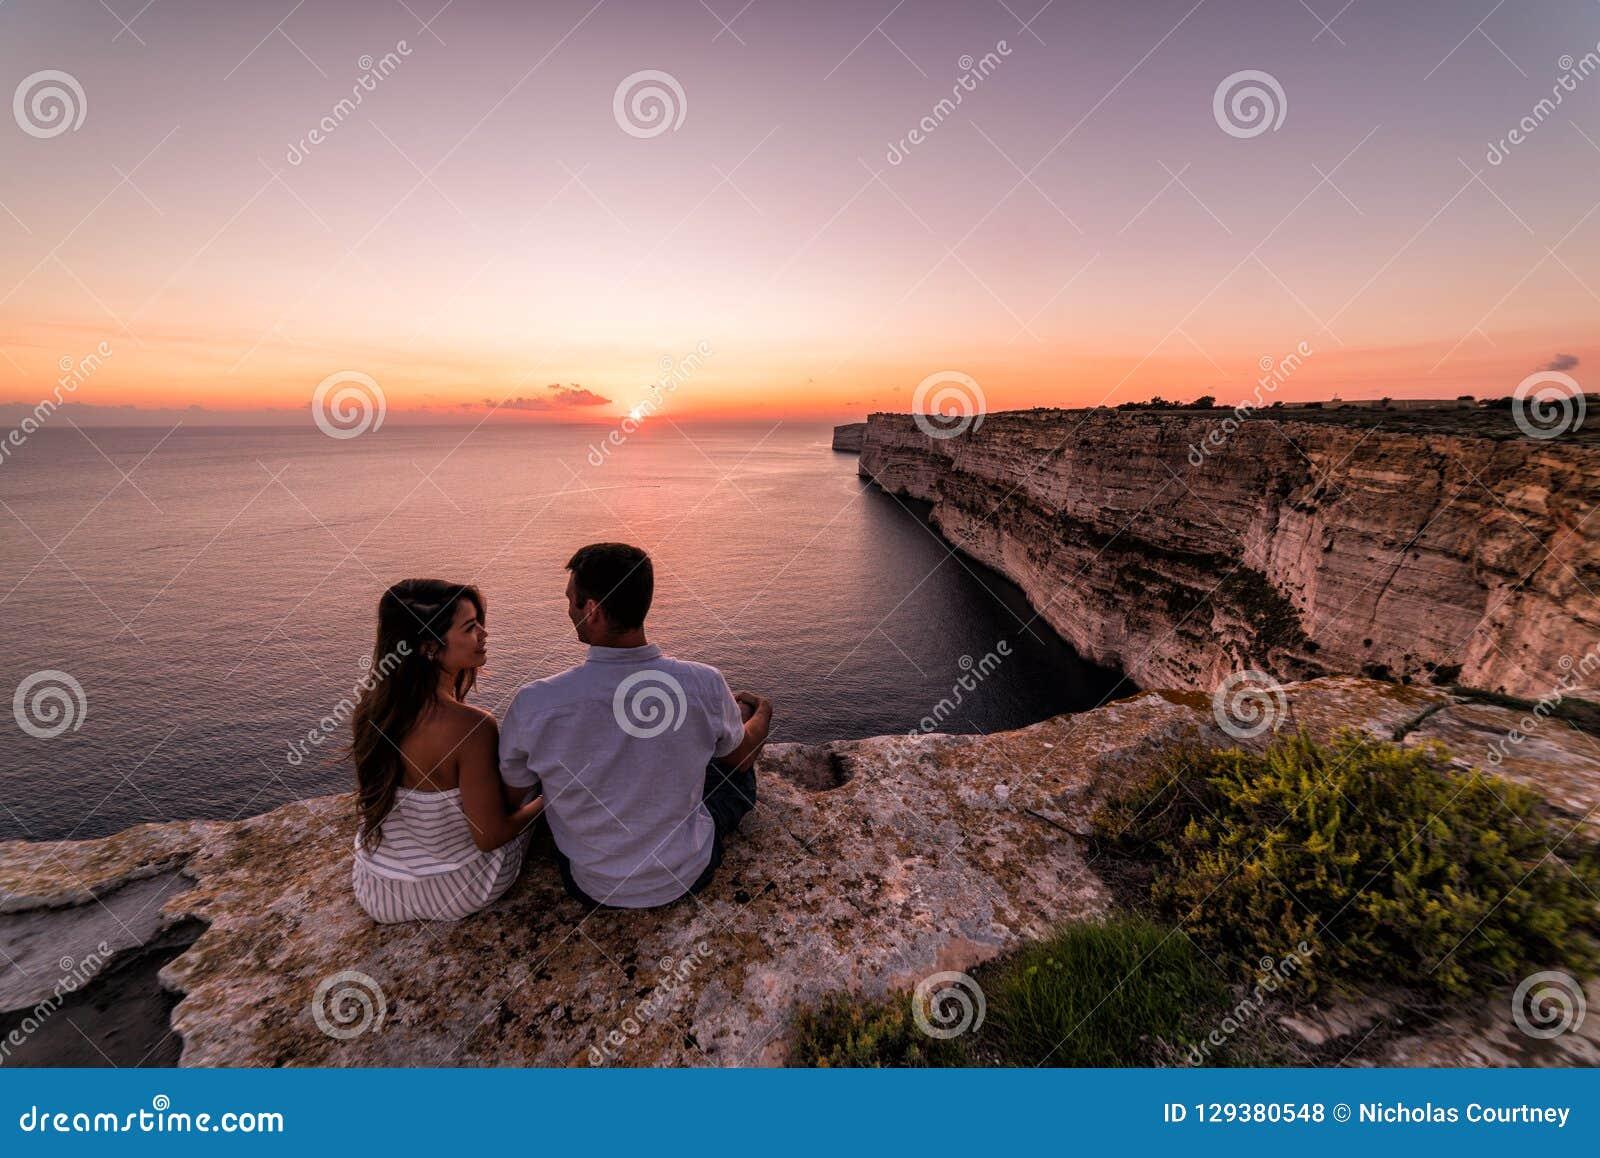 Acantilados hermosos de TA Cenc en la puesta del sol Gozo, Malta